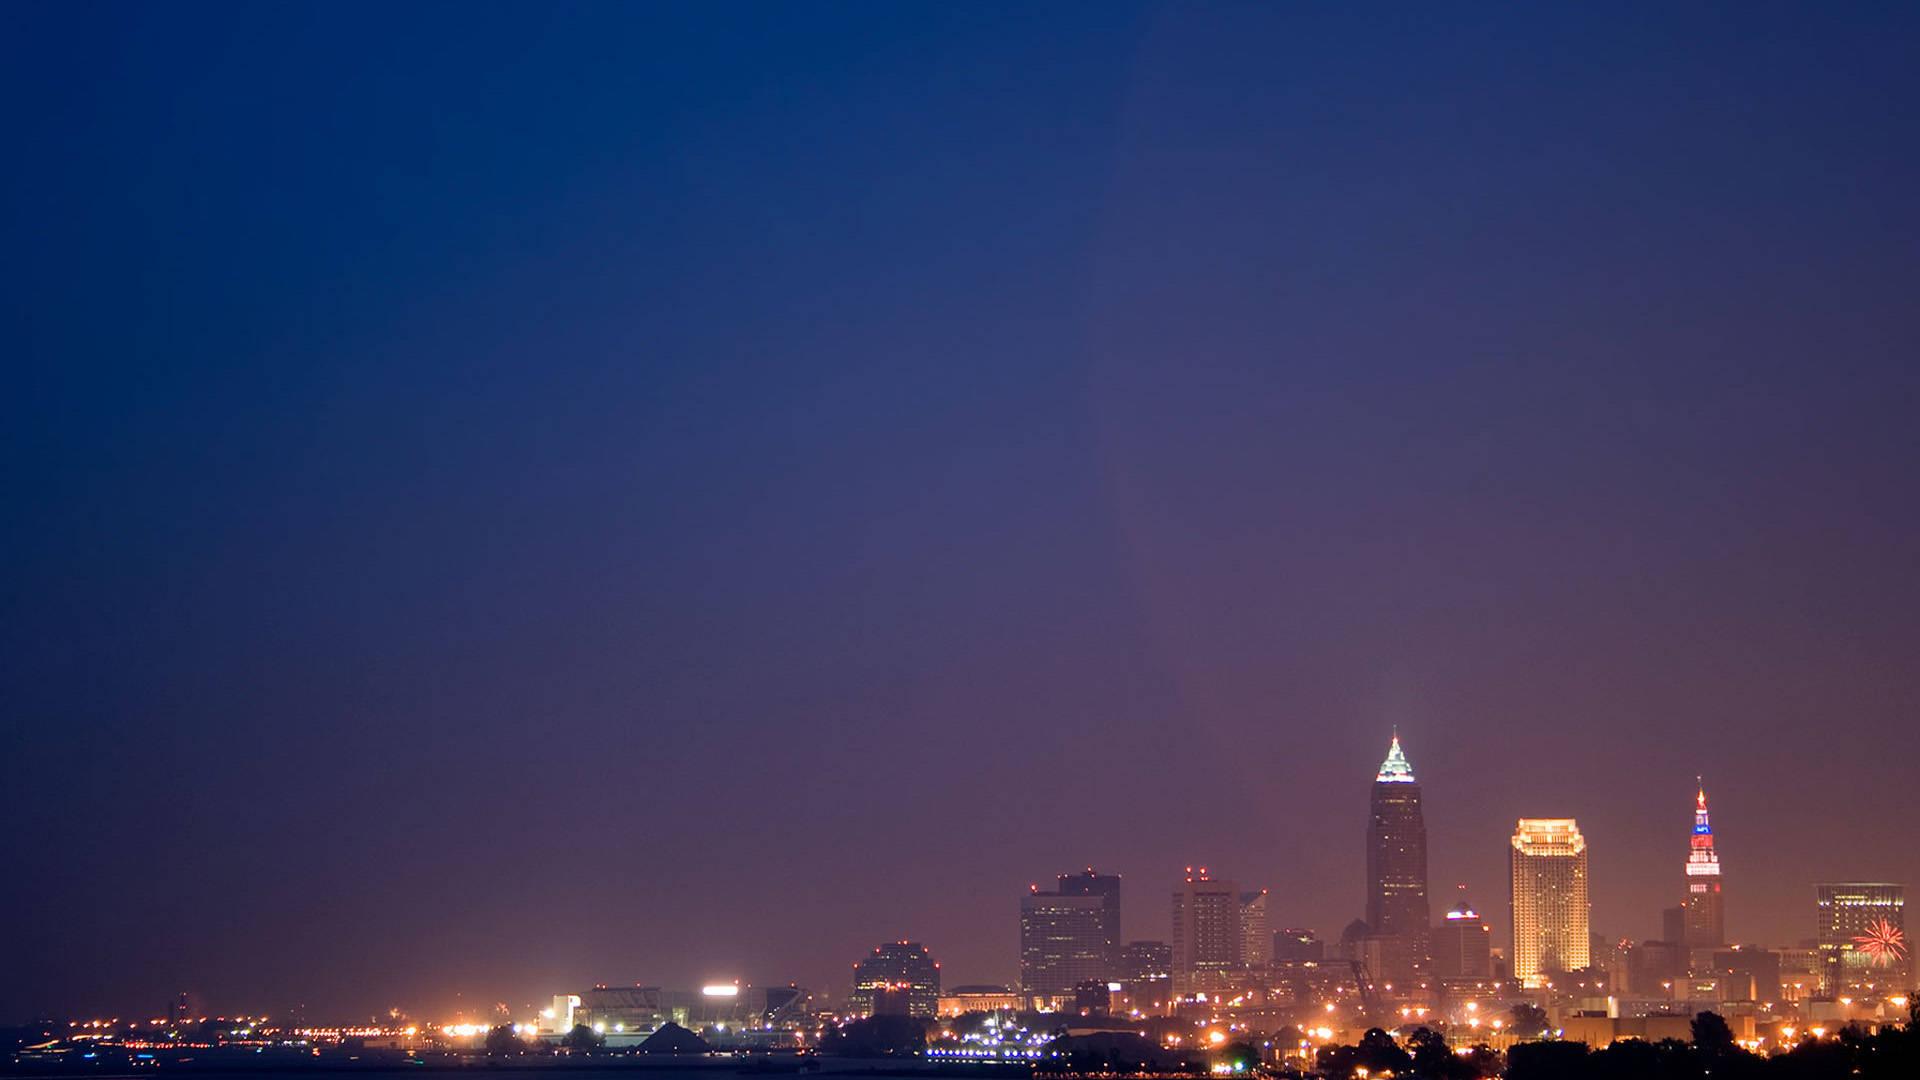 Cleveland Ohio At Night [1920x1080 ...